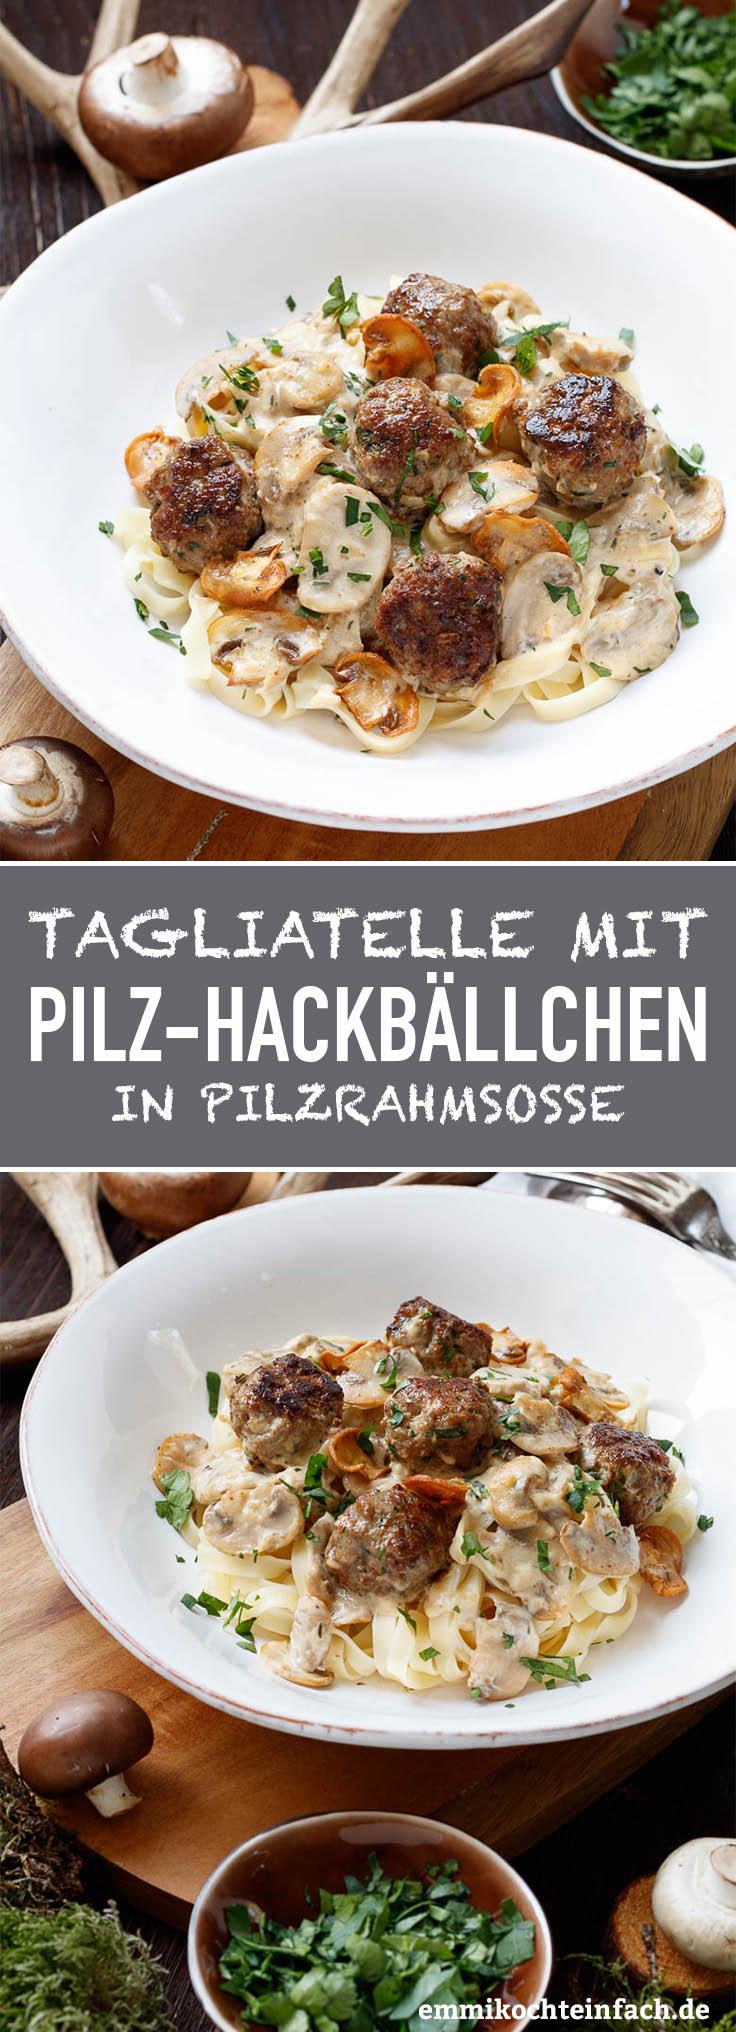 Tagliatelle mit Pilz-Hackbällchen in Pilzrahmsoße - www.emmikochteinfach.de